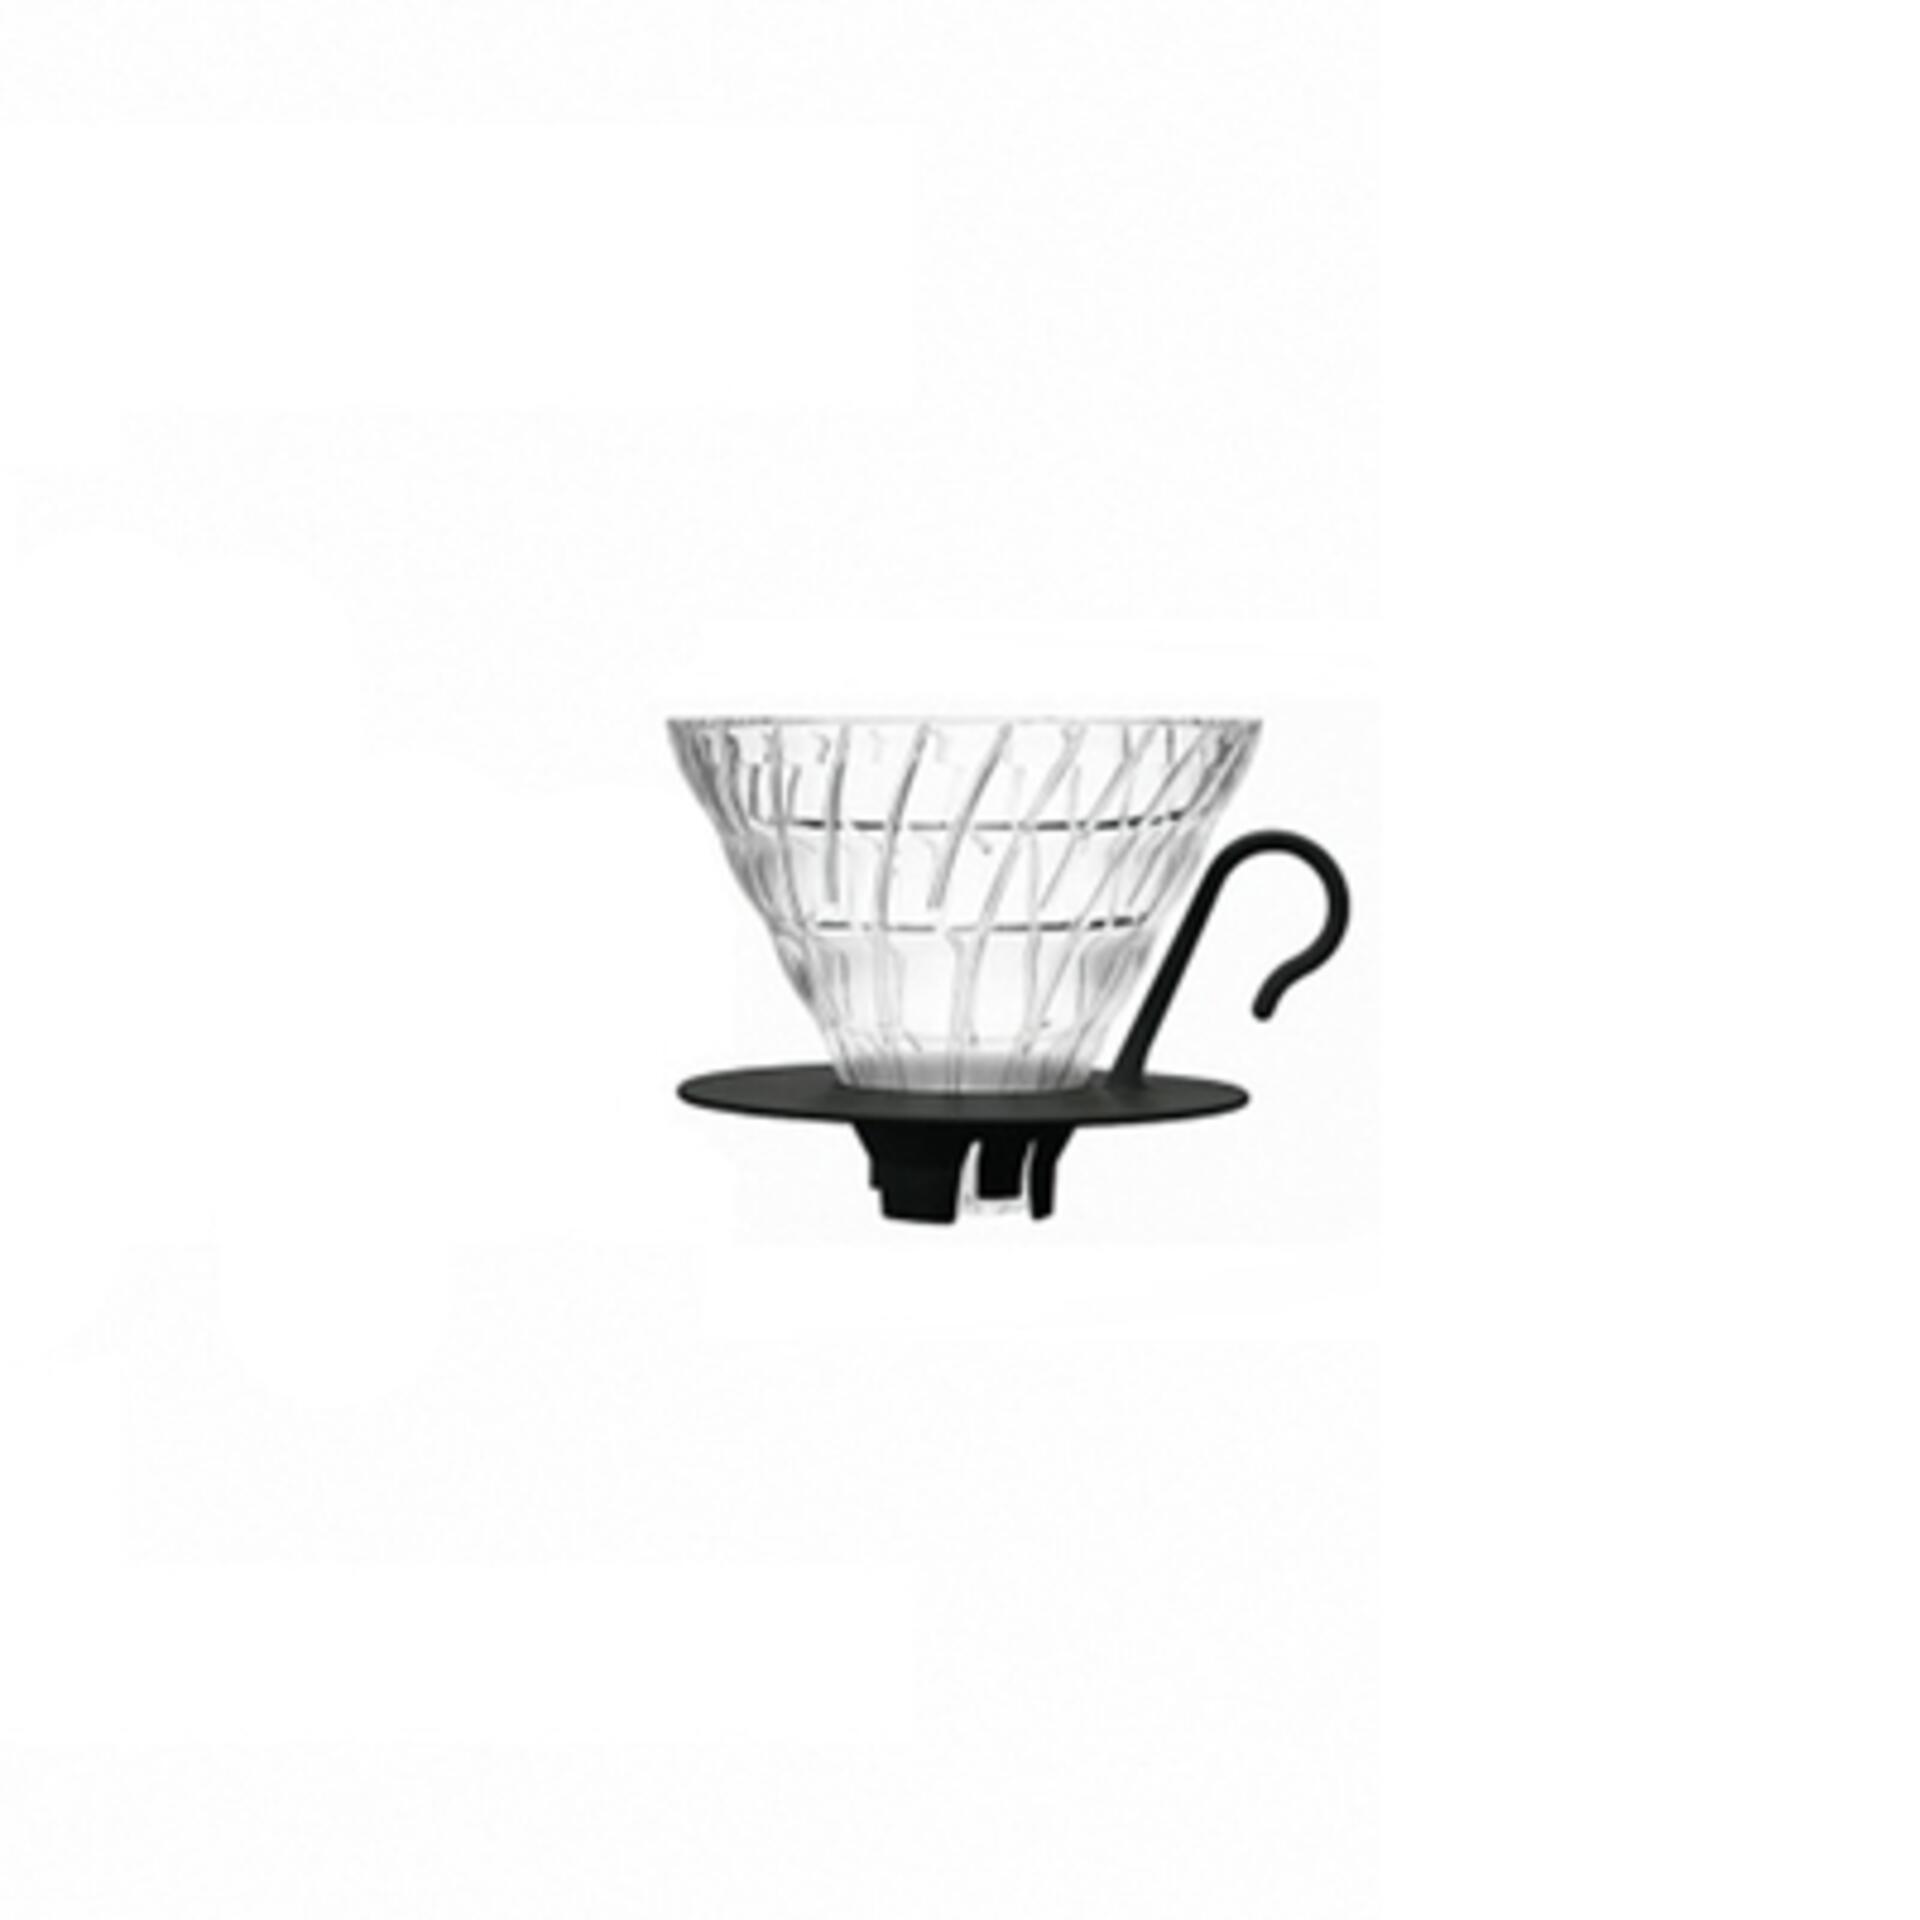 Hario Kaffeefilter V60 Glas Gr. 02